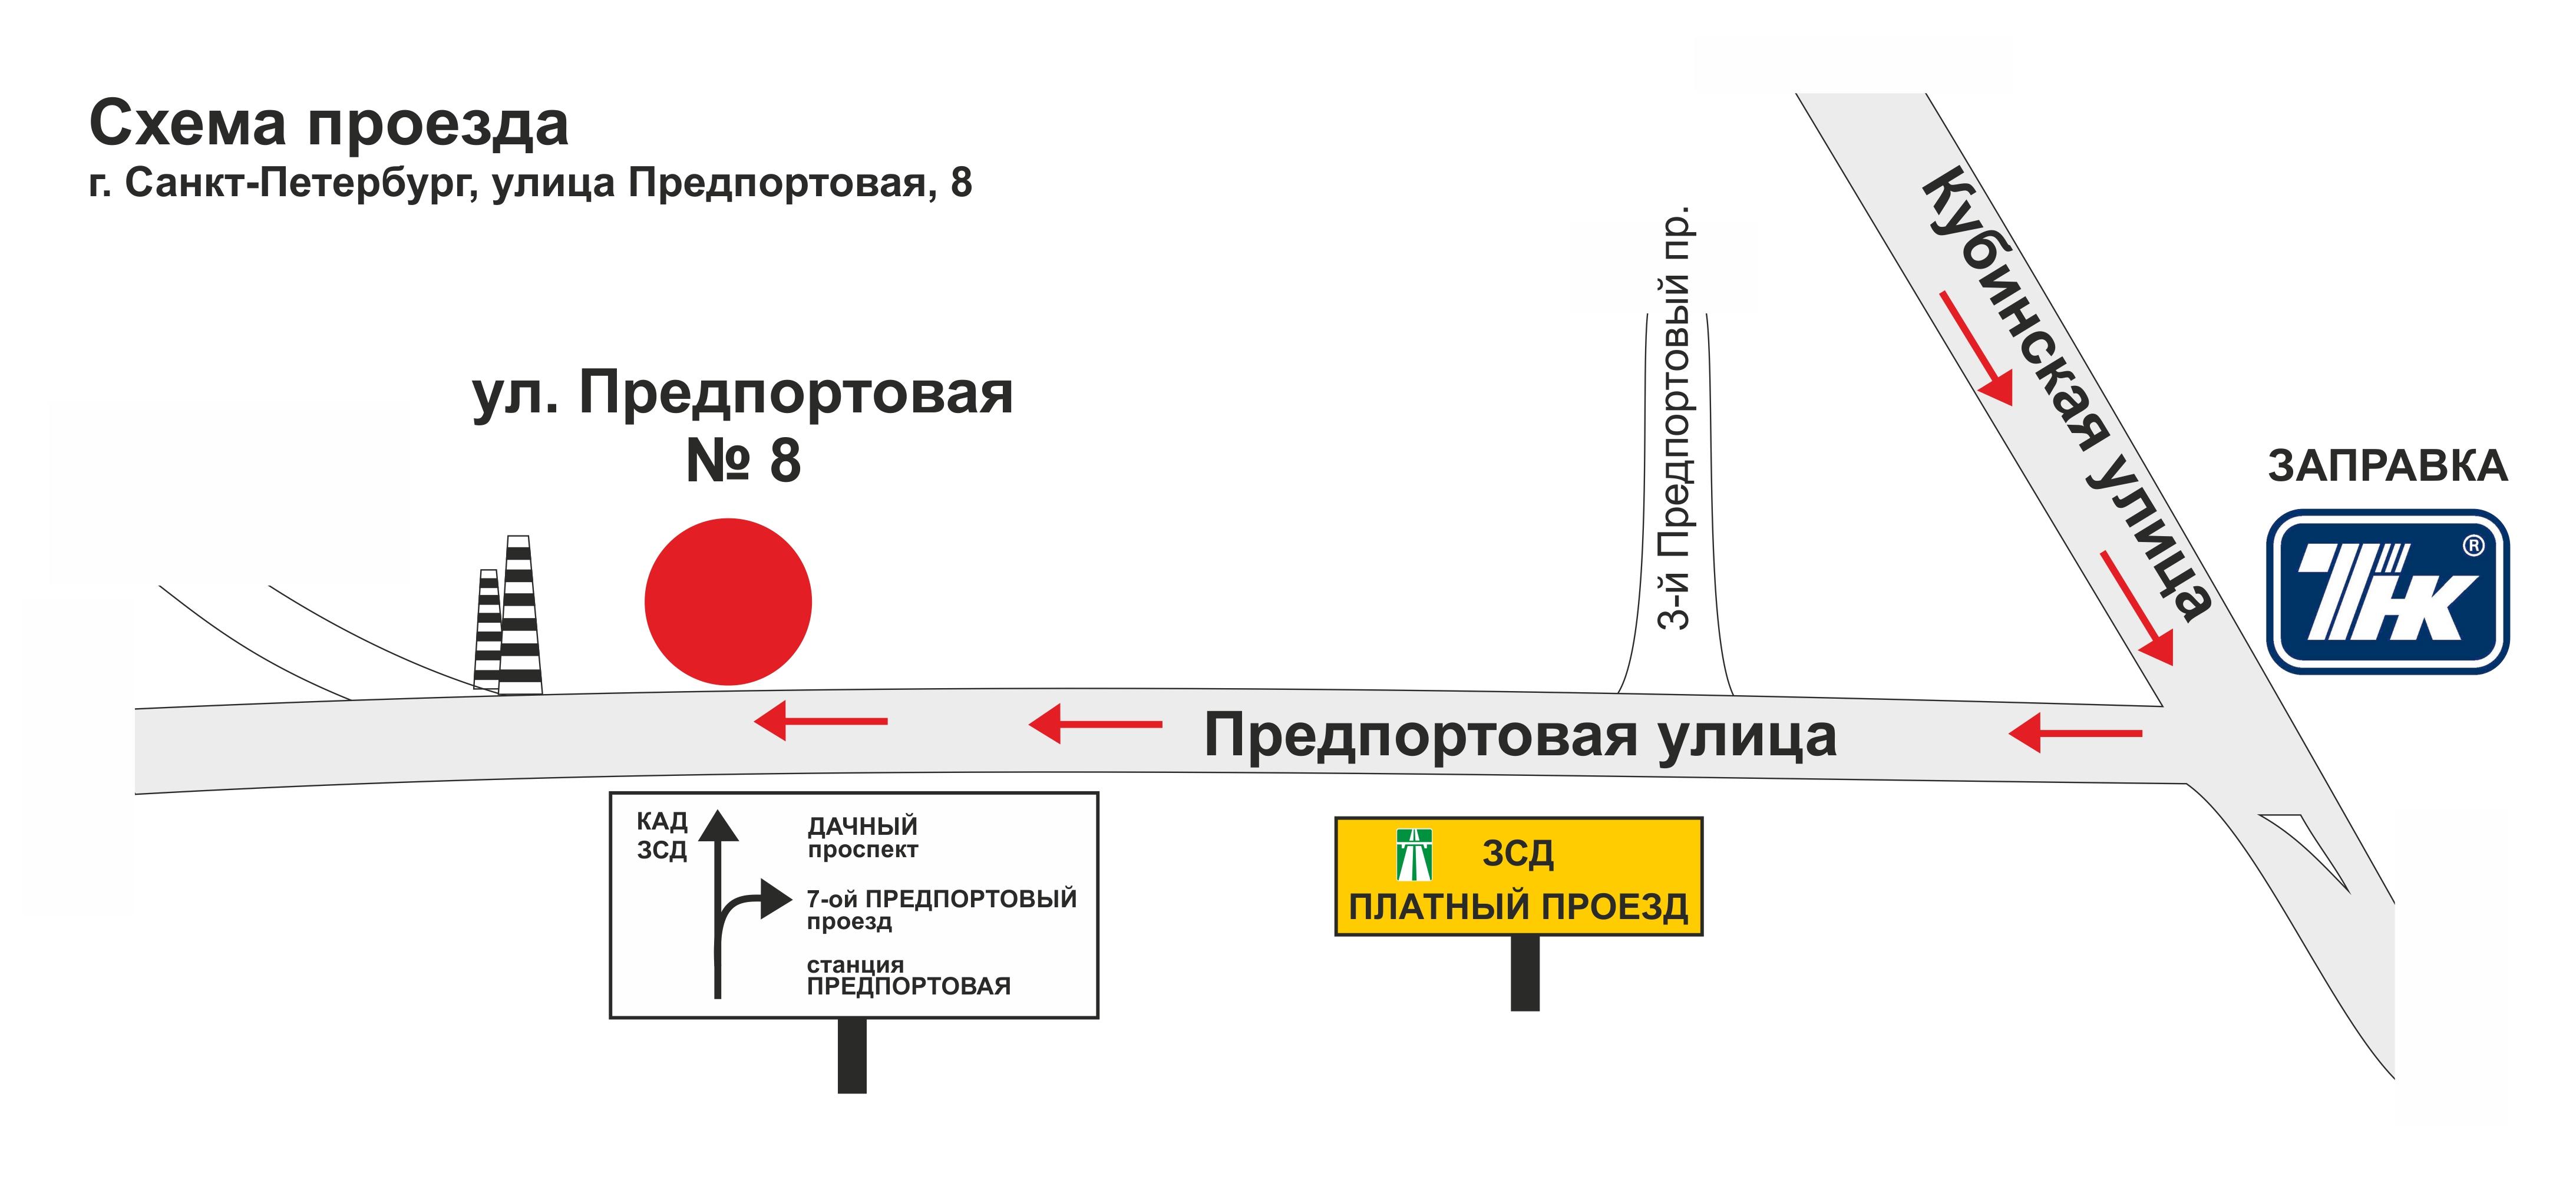 Схема проезда в санкт-петербурге